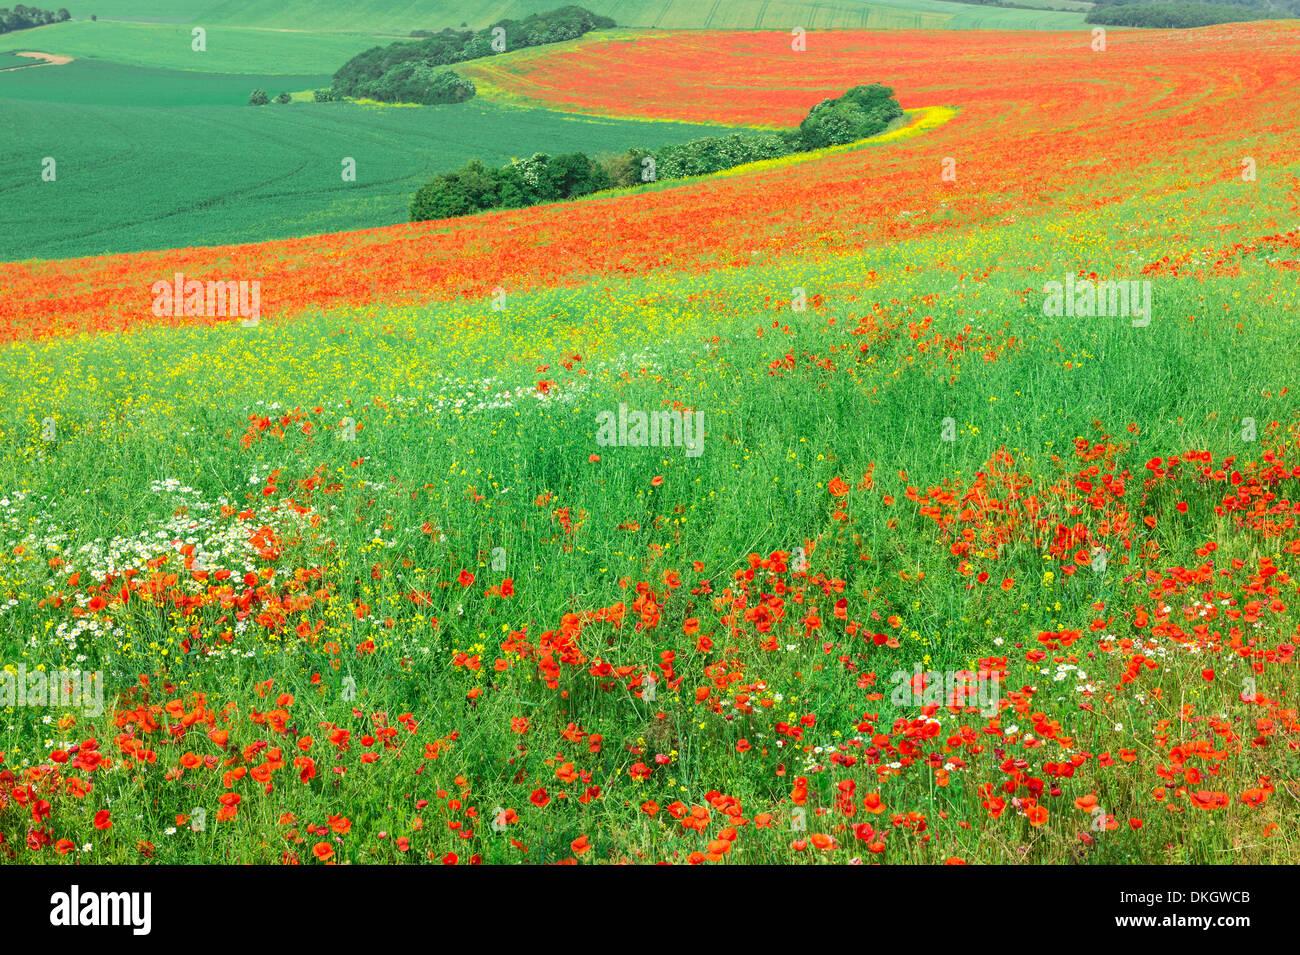 Red Poppies field, Cote d'Opale, Region Nord-Pas de Calais, France - Stock Image